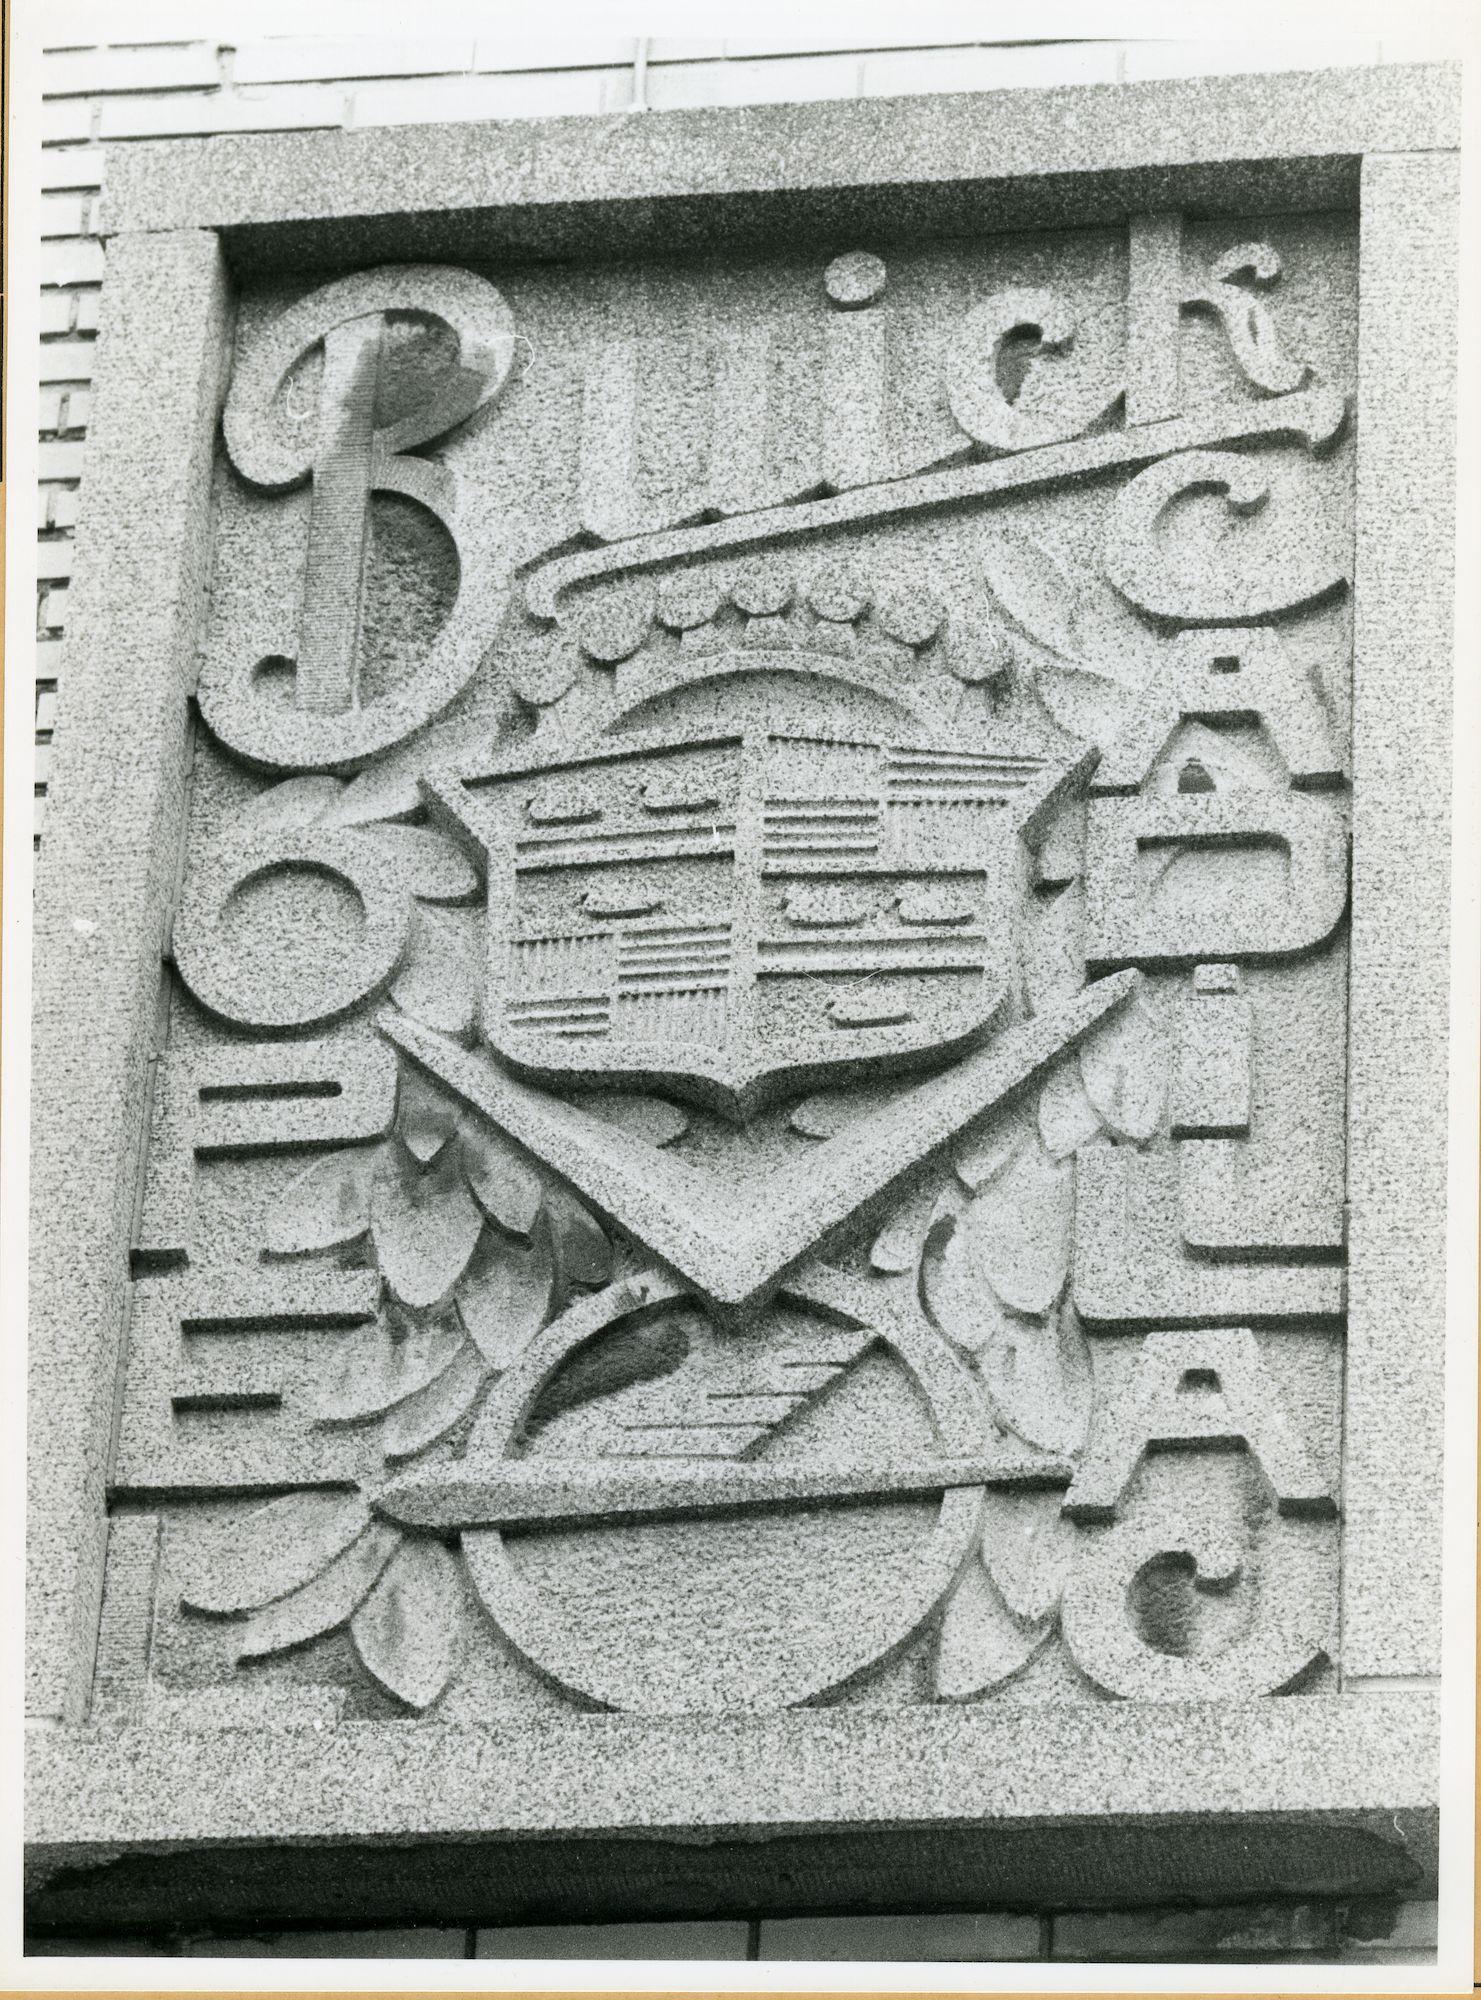 Ledeberg: Brusselsesteenweg 155: Gevelsteen, 1979